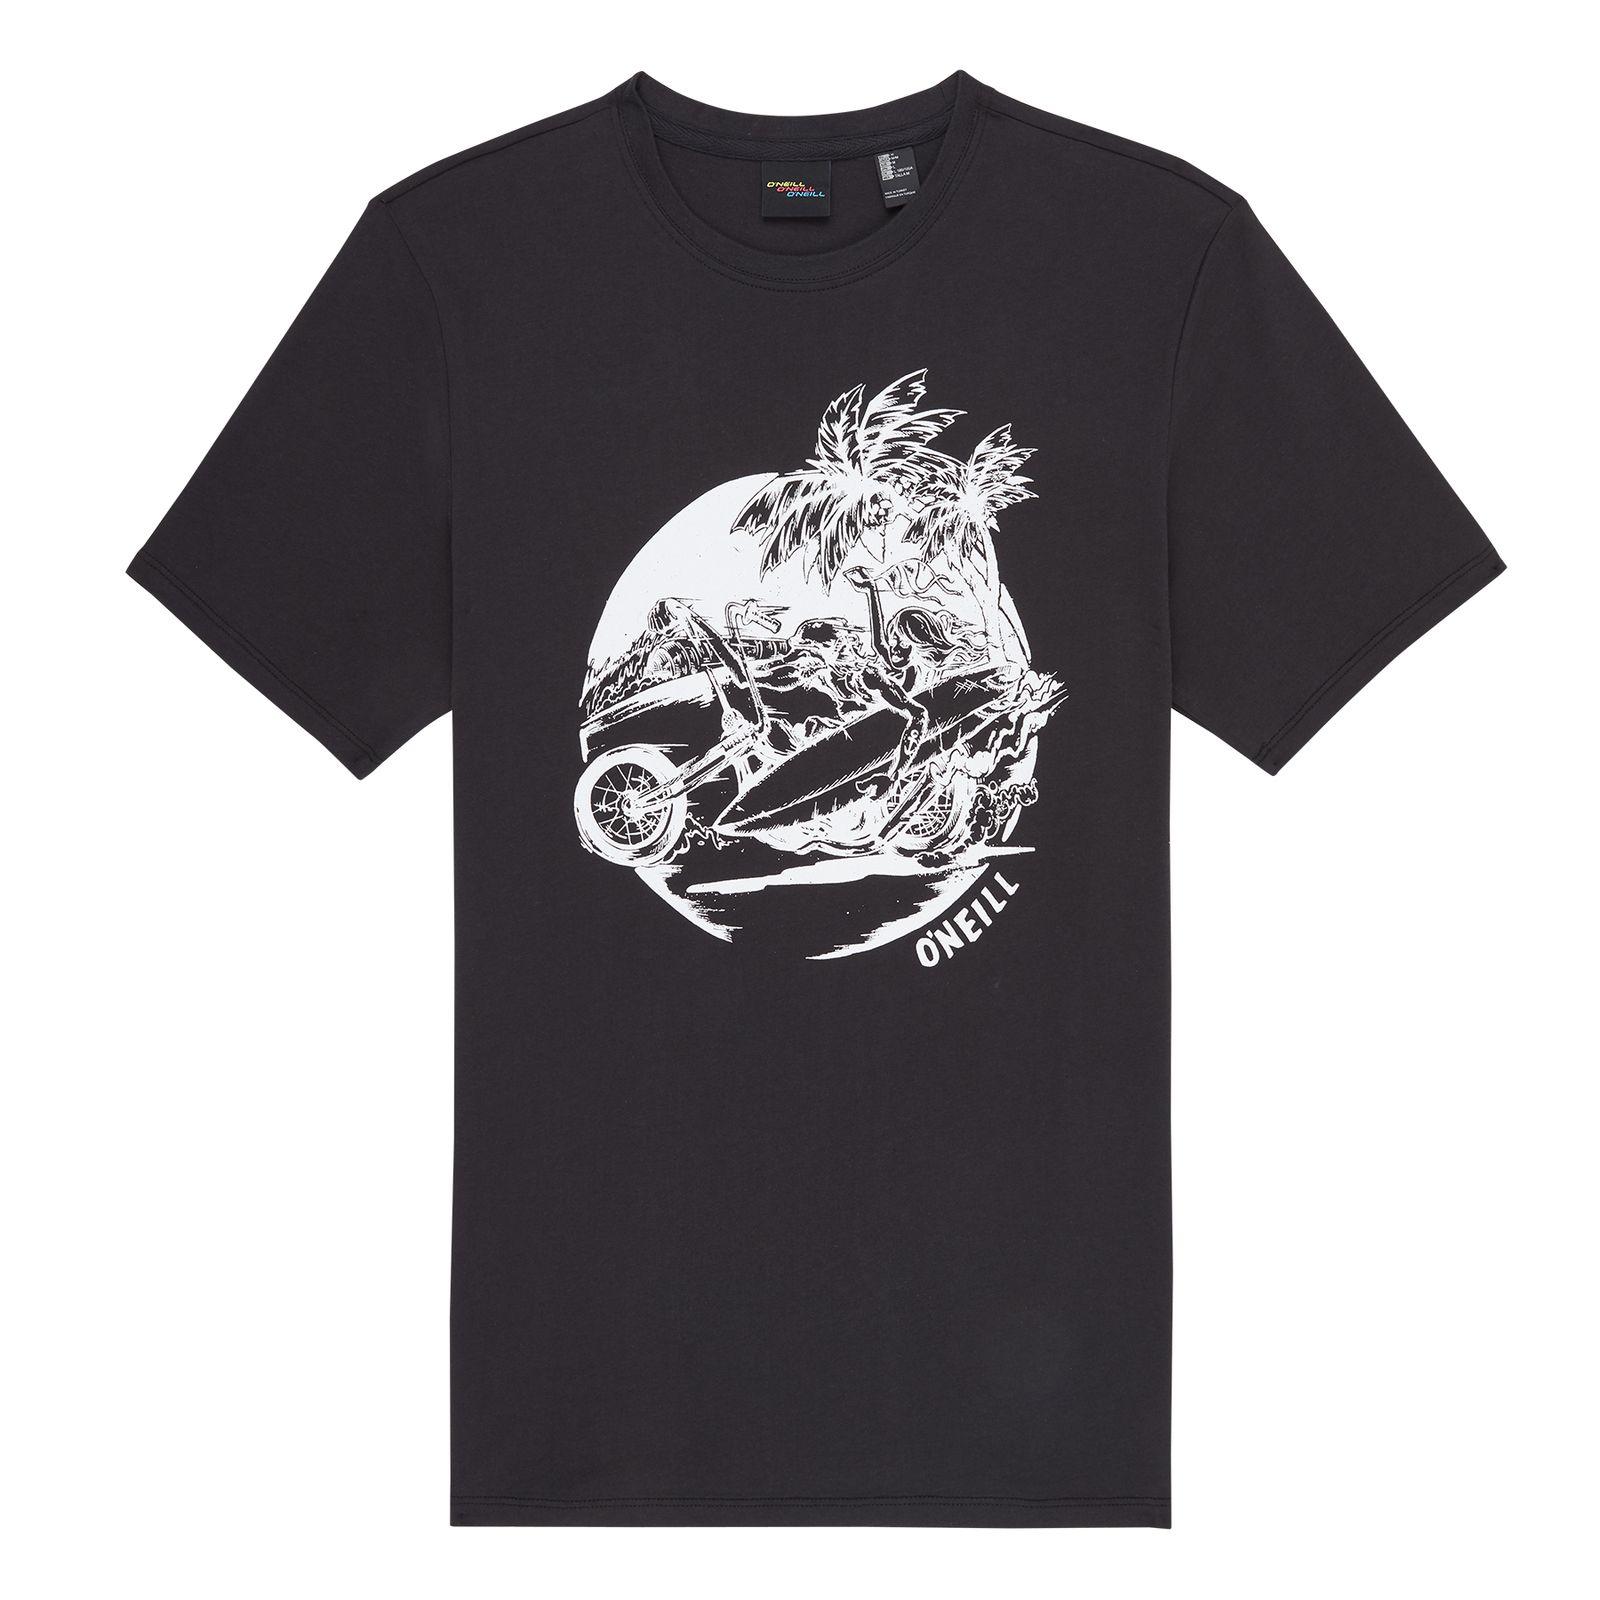 цена на Футболка O'Neill Lm Surfer Girl T-Shirt